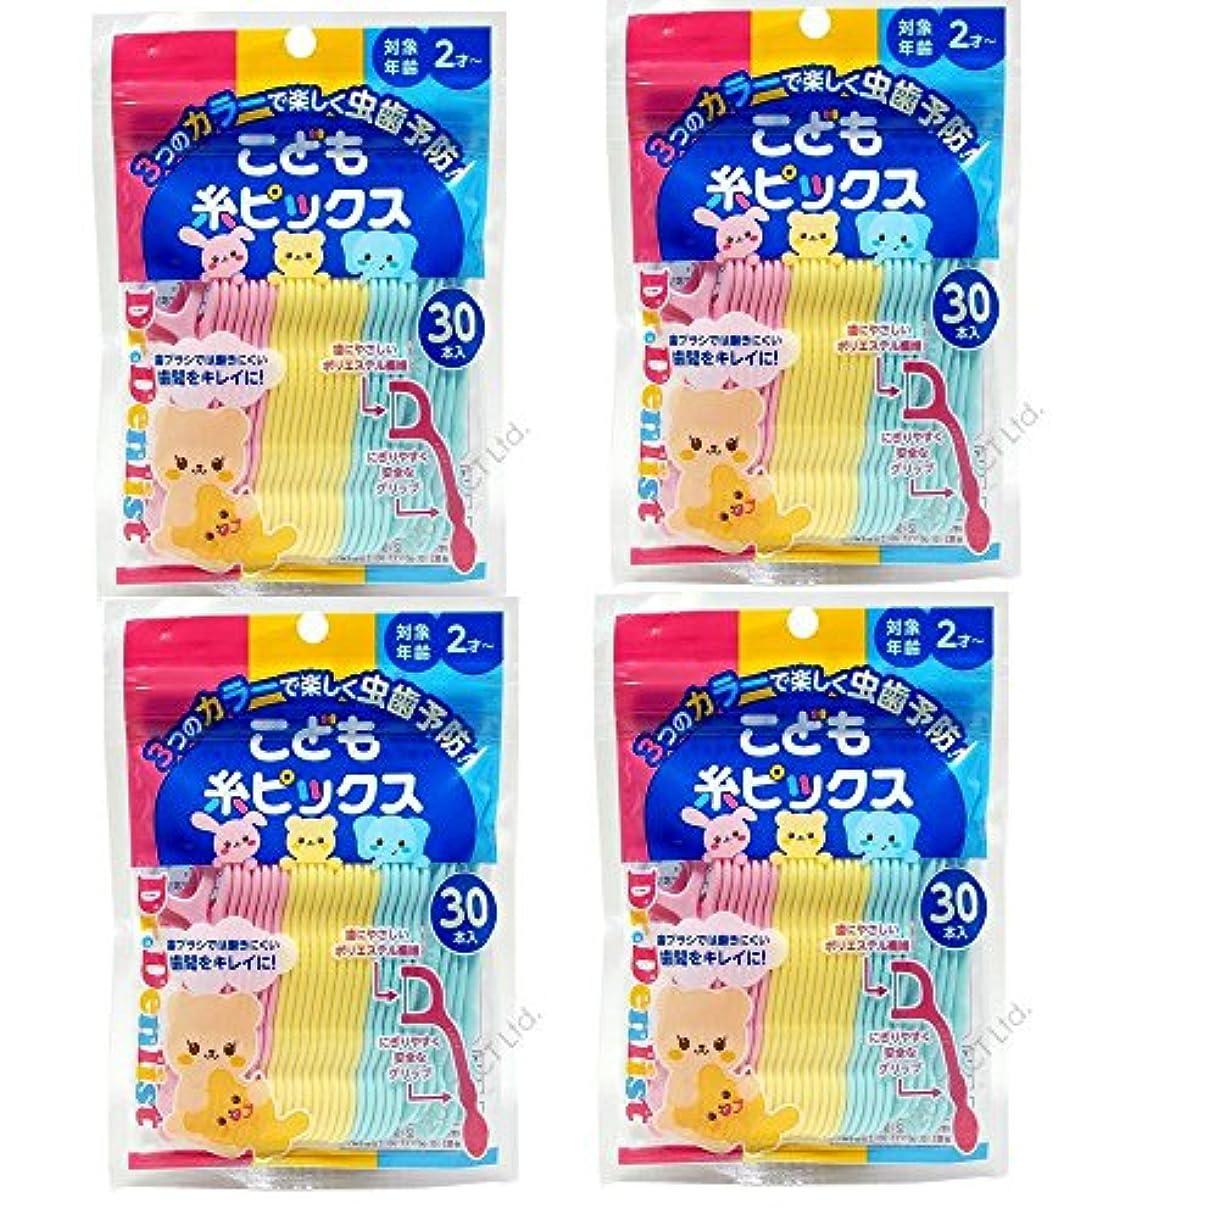 キロメートル経済的異常子供用 歯間フロス30本入×4個(120本)お買い得セット